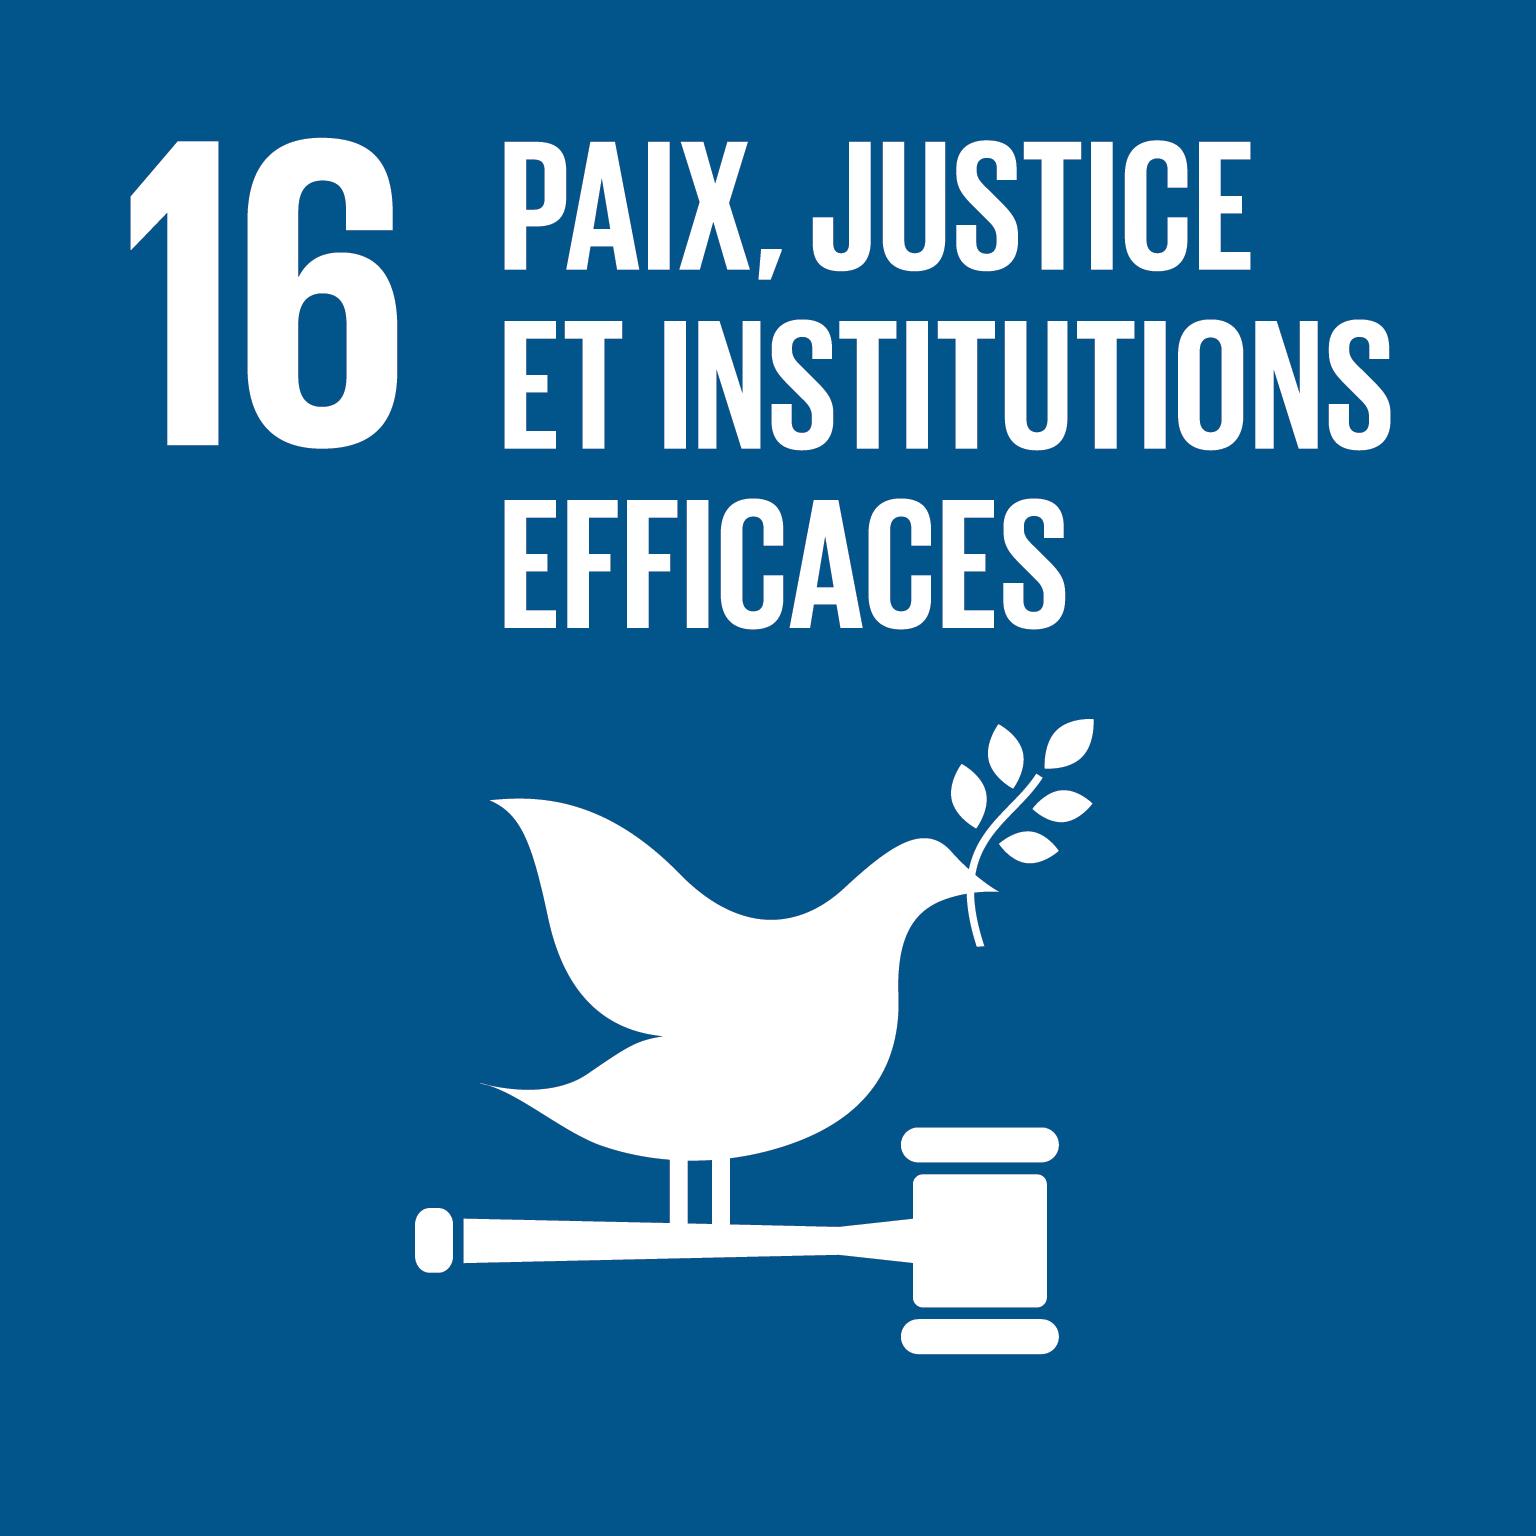 ODD Paix, justice et institutions efficaces